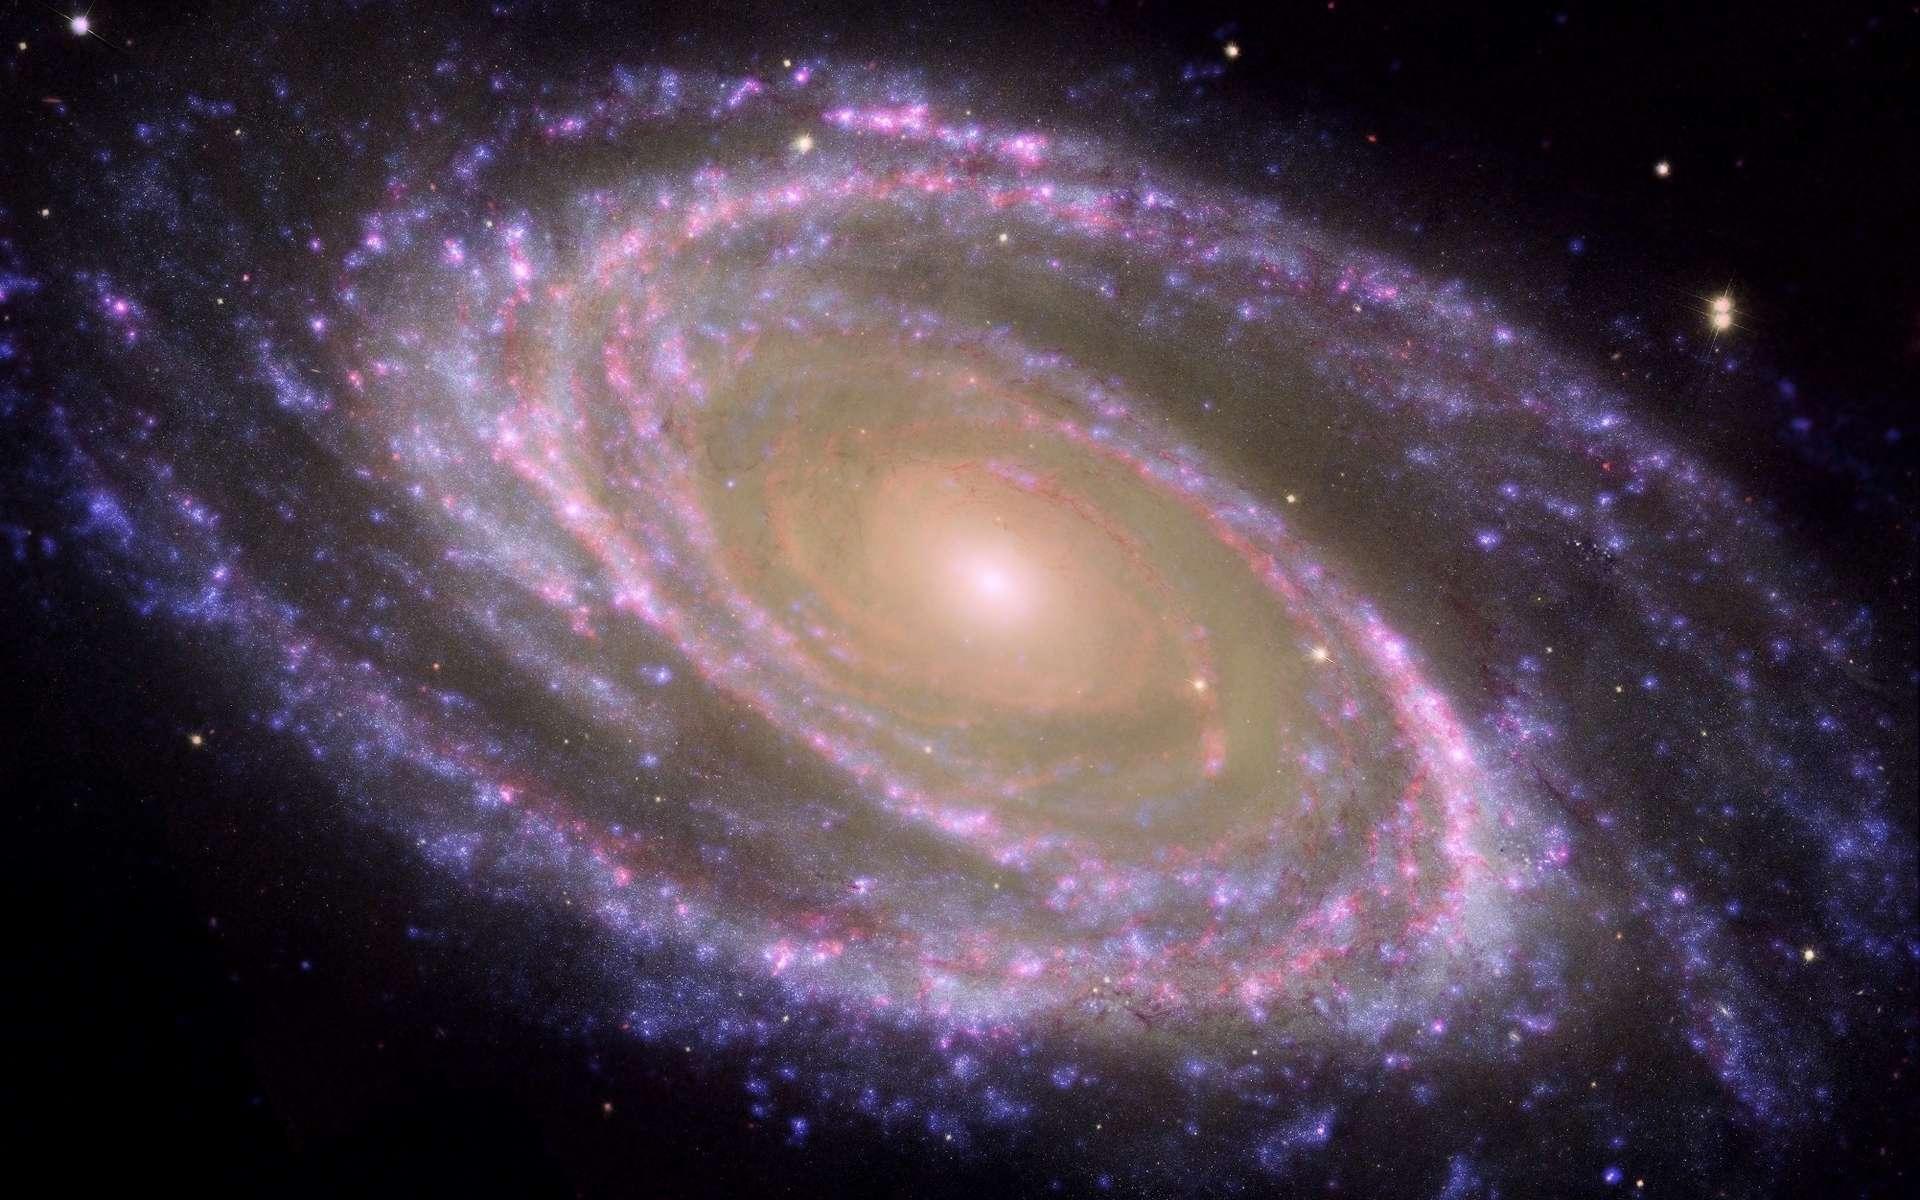 M81 est une galaxie spirale située à 11,8 millions d'années-lumière de la Voie lactée dans la constellation de la Grande Ourse. Ses bras spiraux sont bien visibles en fausses couleurs sur cette image composite issues des observations dans le visible, l'infrarouge et l'ultraviolet faites avec Hubble, Spitzer et Galex. © Nasa